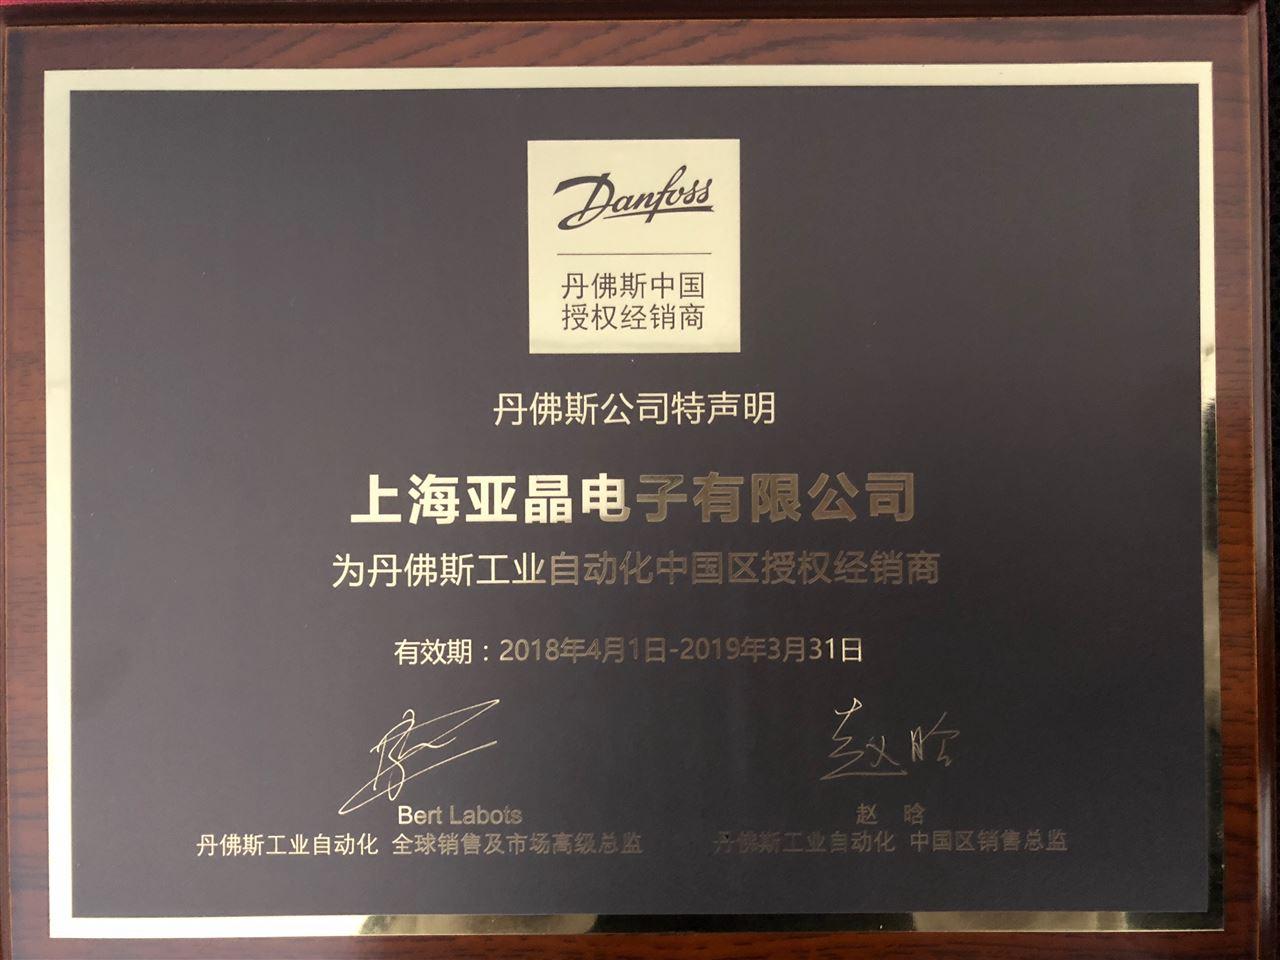 上海亚晶电子有限公司